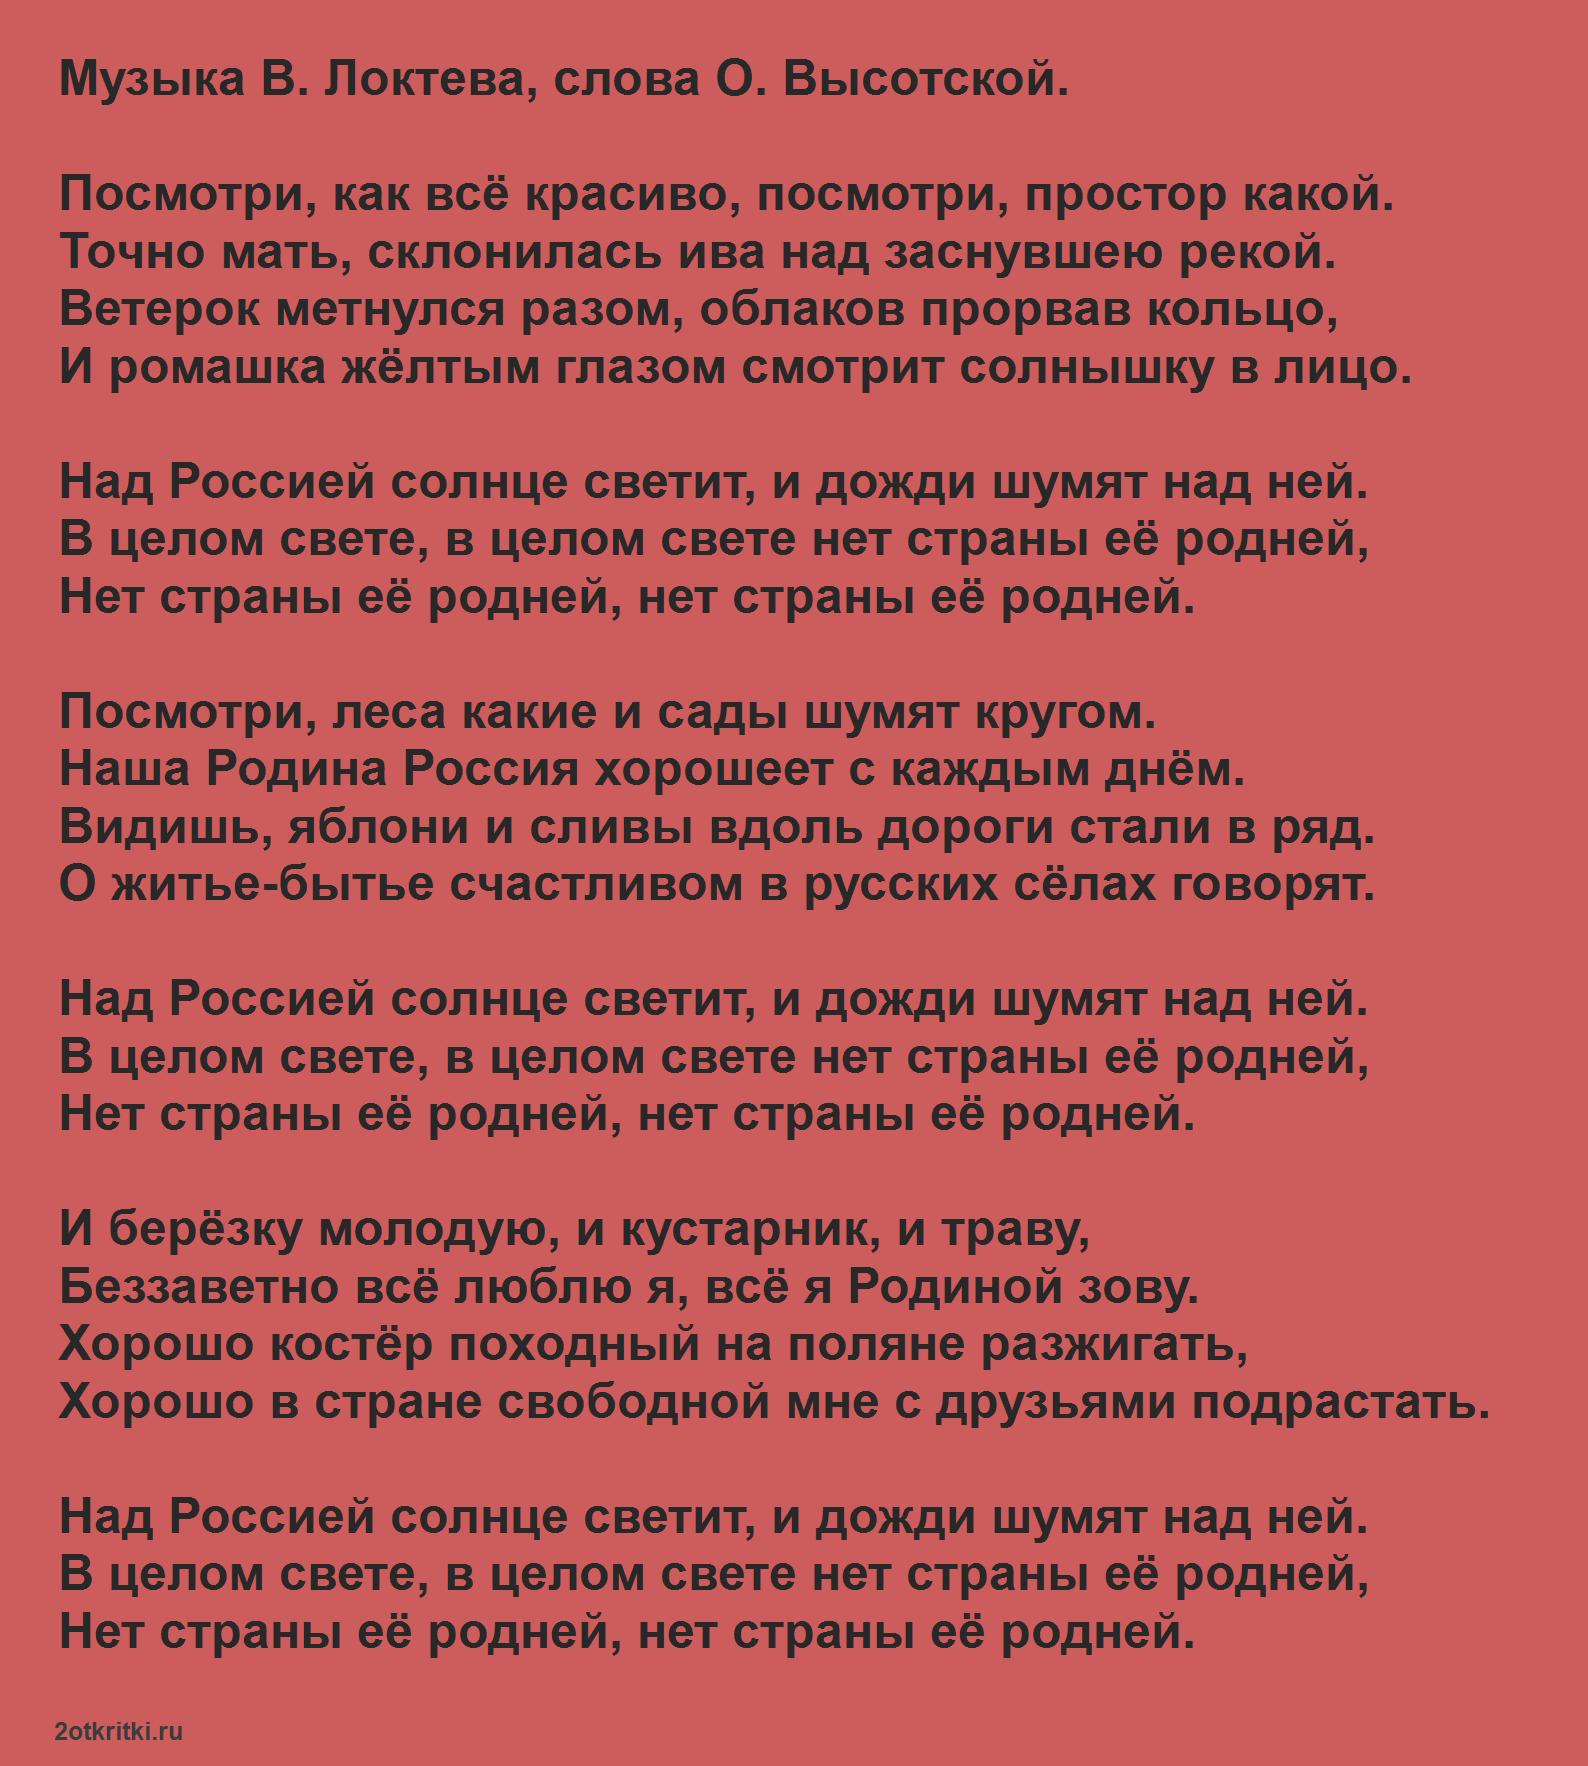 Бесплатно песни на день России - Песня о России